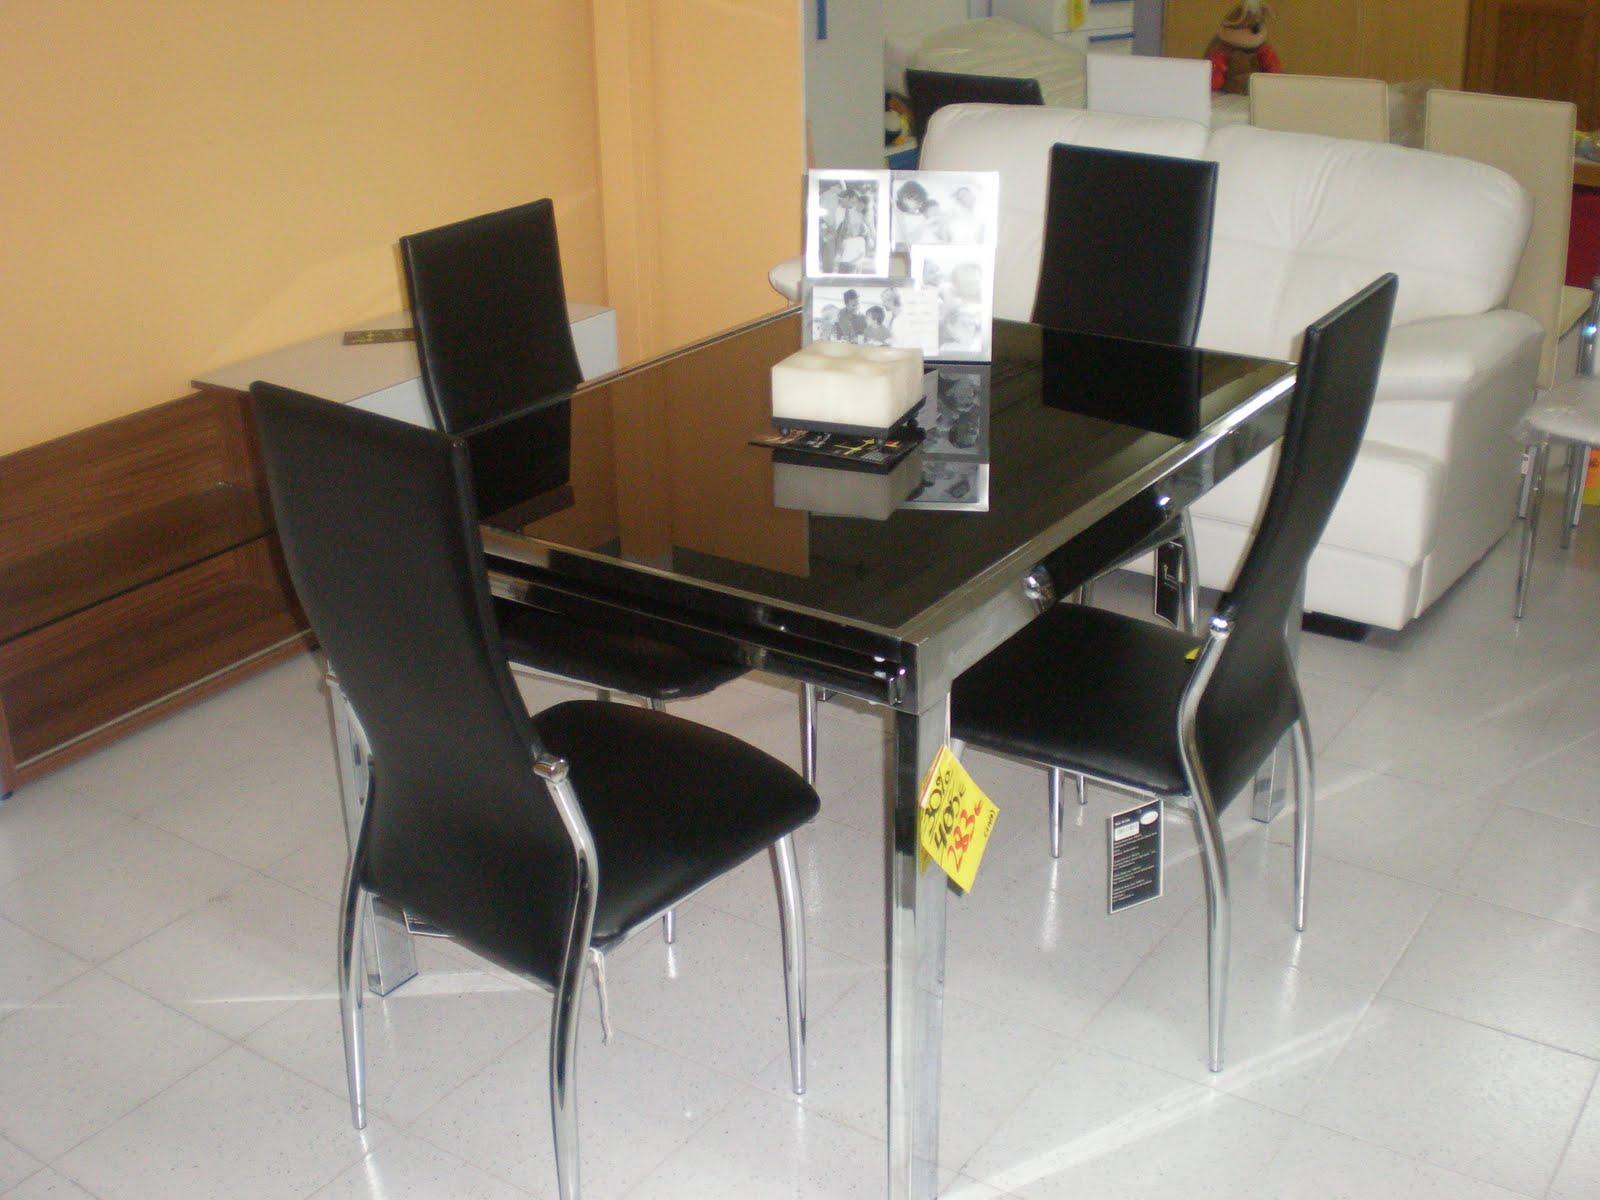 Muebles domingo bernal mesa comedor ext inox cristal negro for Mesa comedor cristal negro